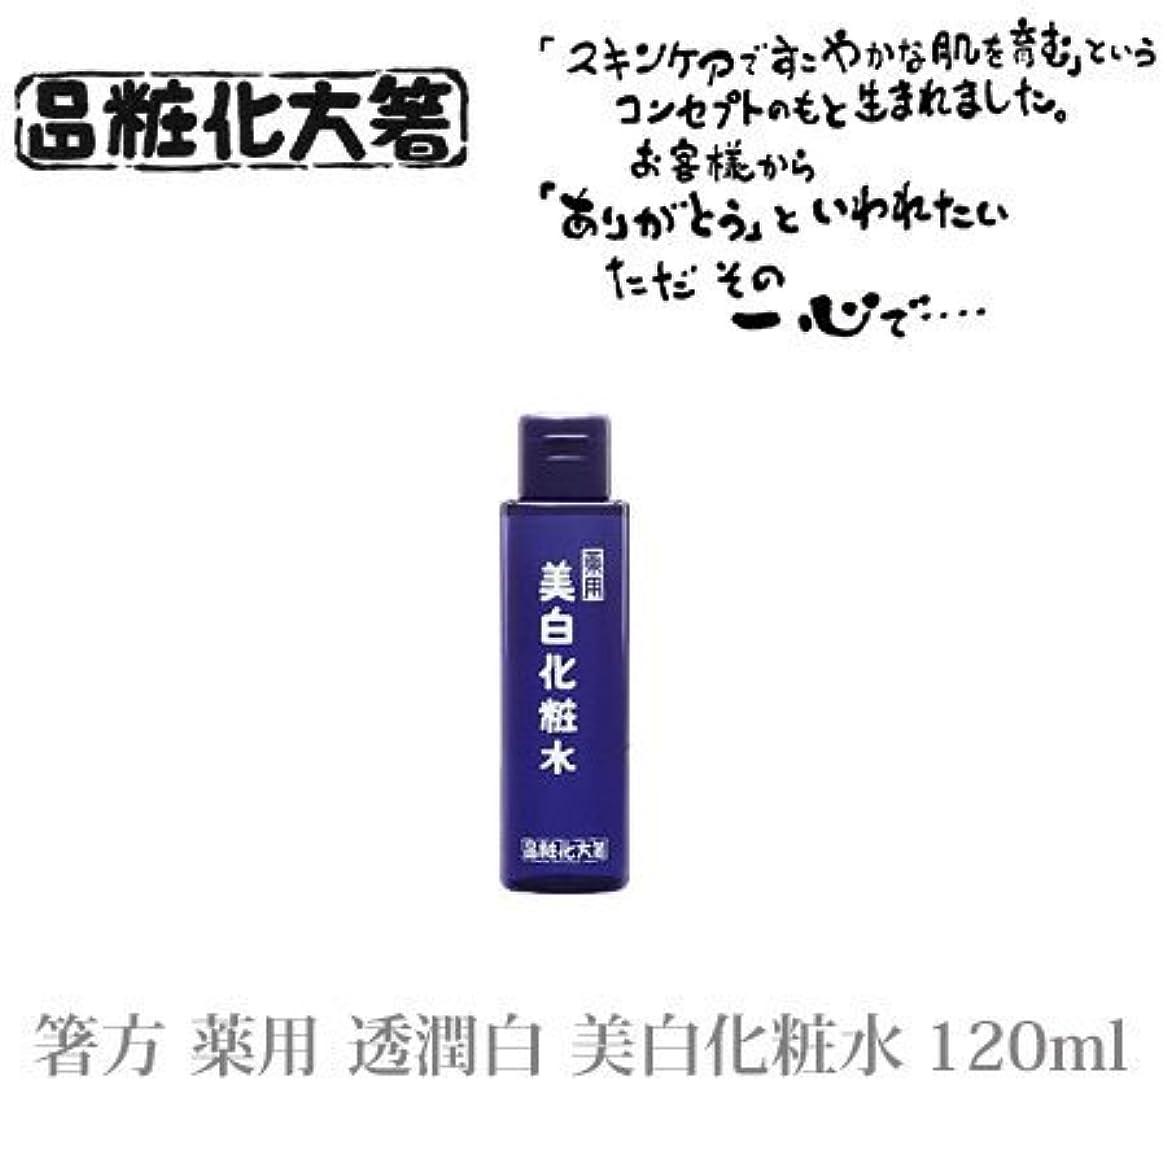 別々にハンディ熟達箸方化粧品 薬用 透潤白 美白化粧水 120ml はしかた化粧品